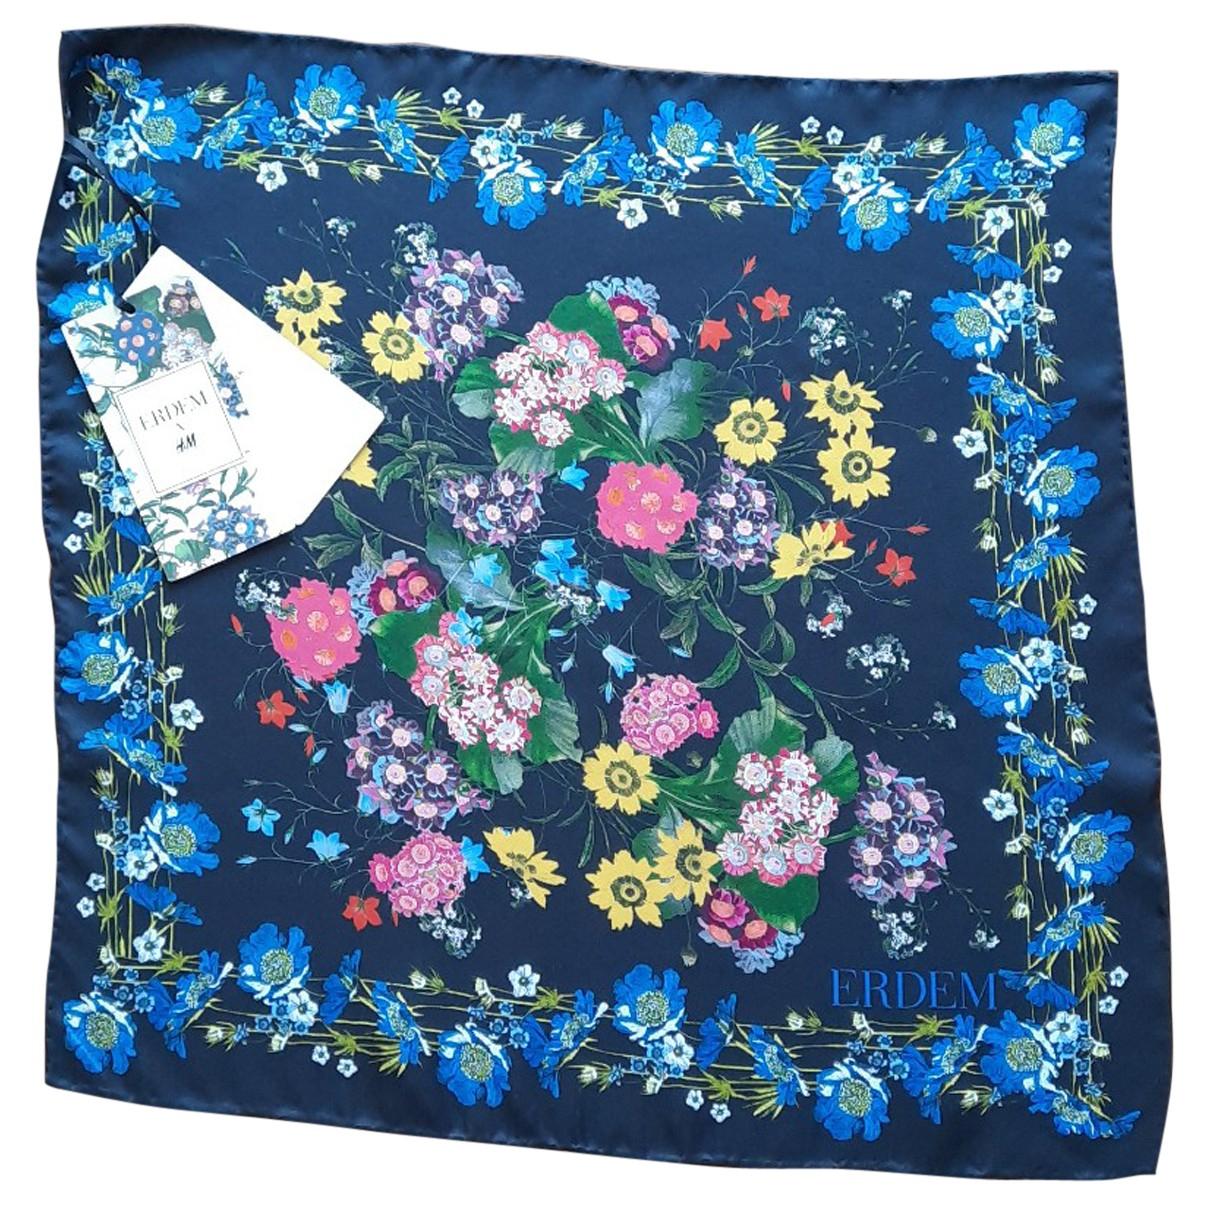 Erdem X H&m N Multicolour Silk scarf for Women N